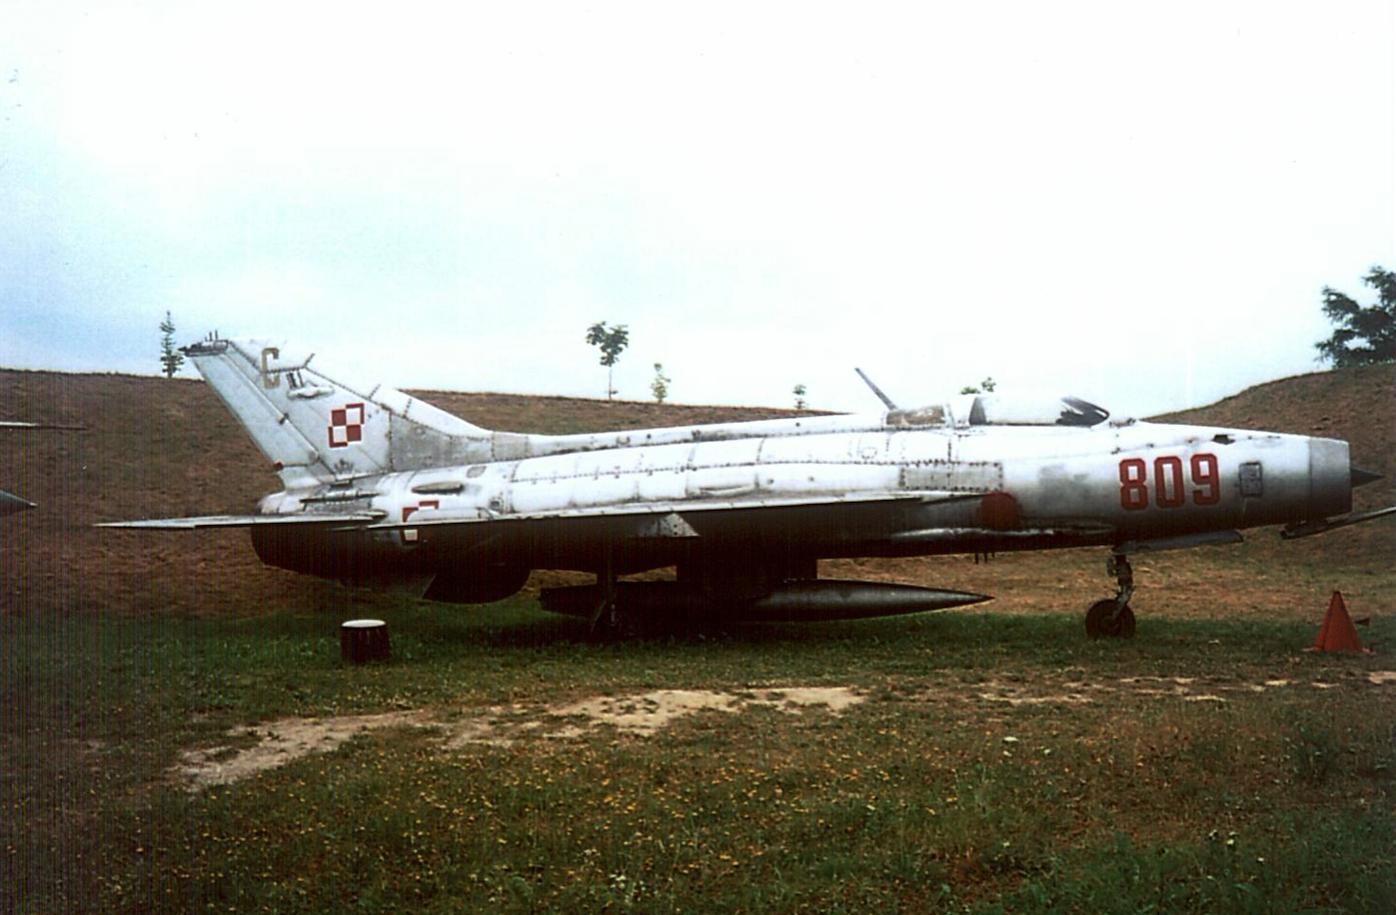 MiG-21 F-13 nb 809 nr 740809. Czyżyny 2002 rok. Zdjęcie Karol Placha Hetman